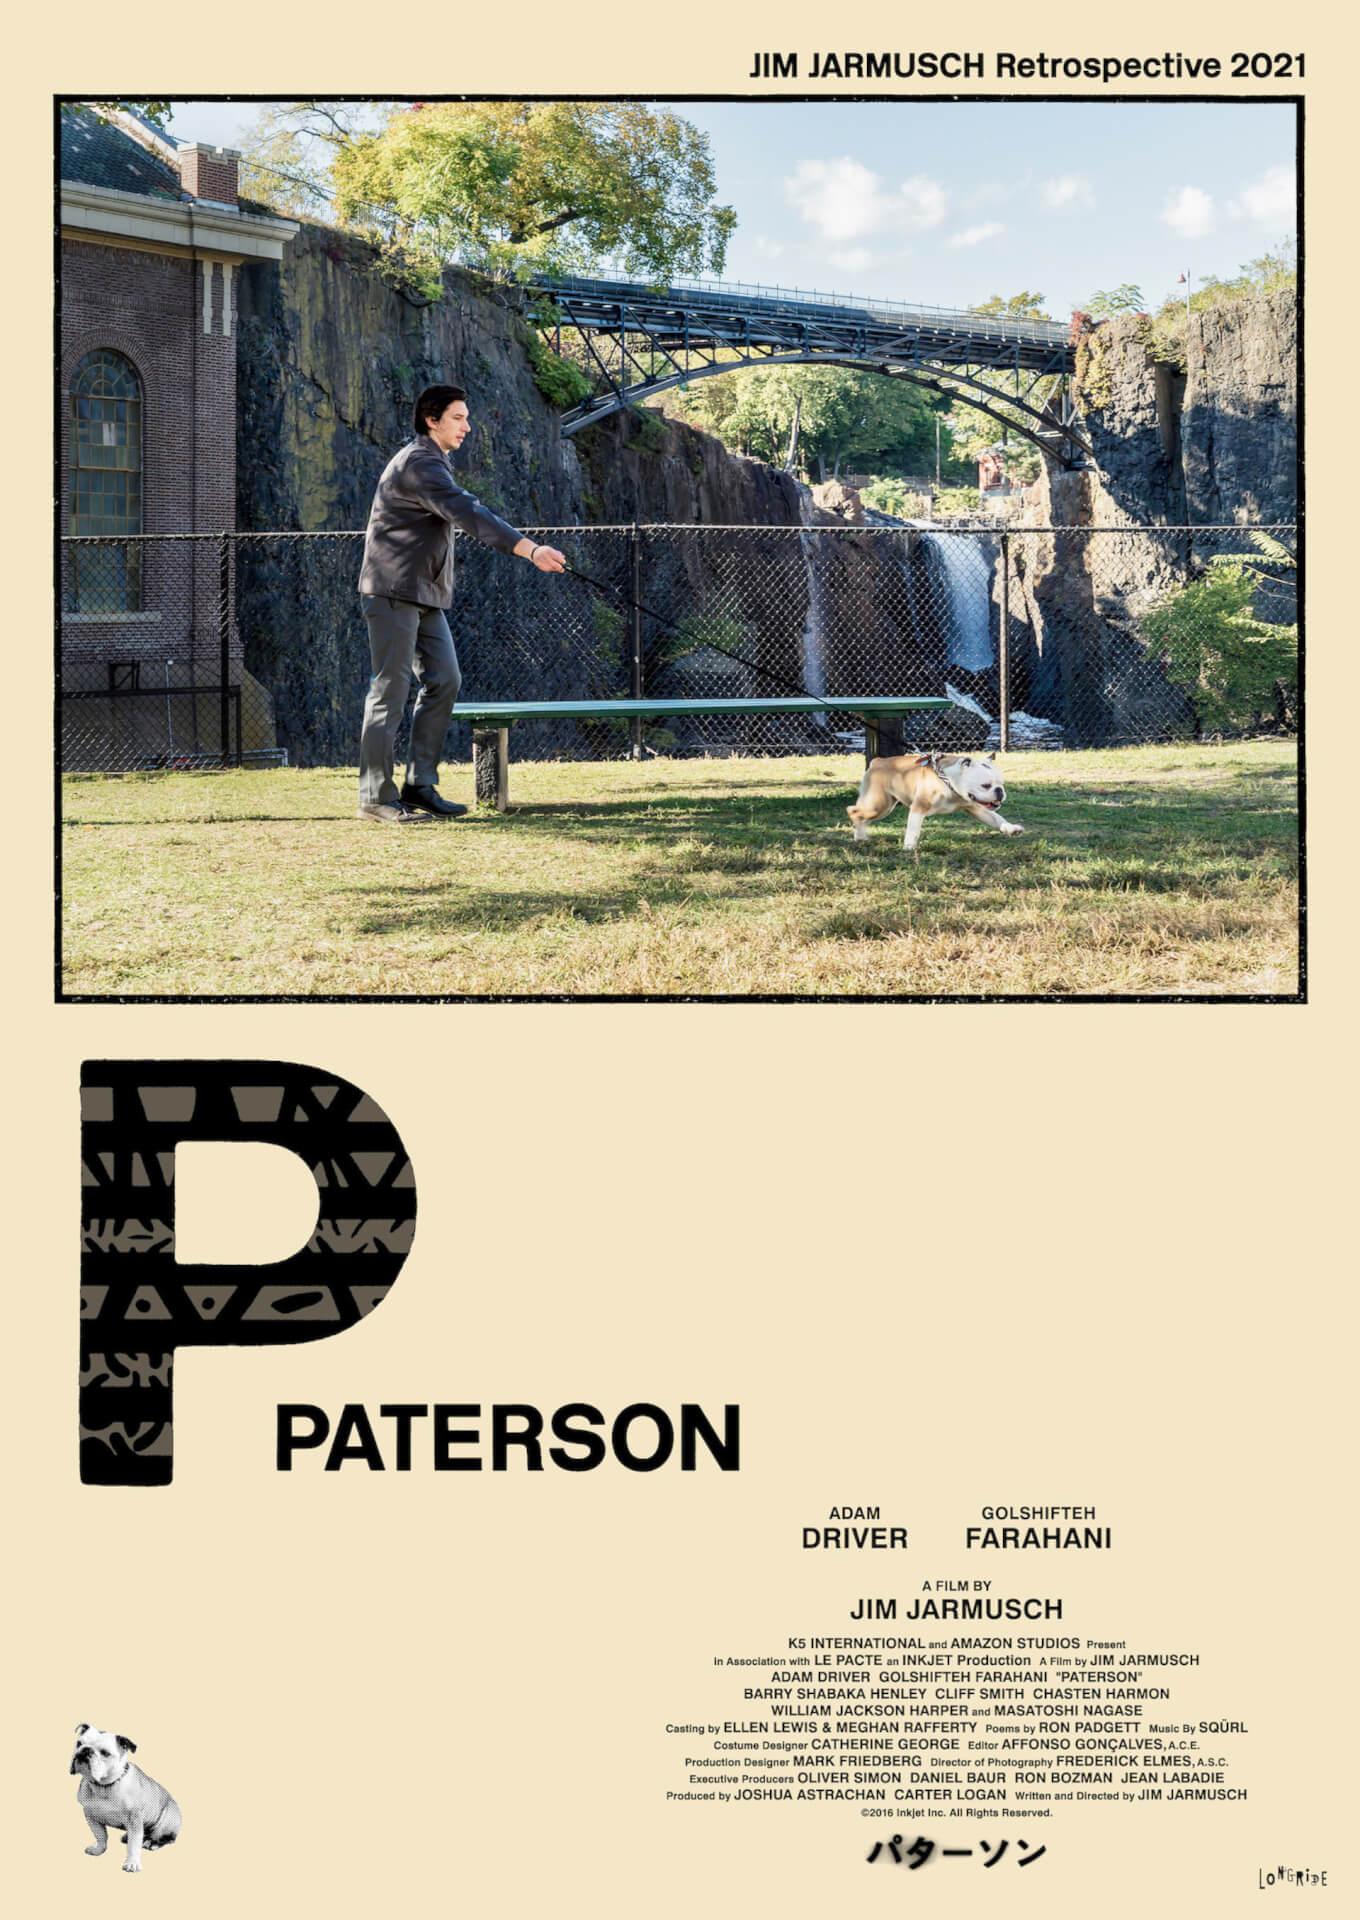 ジム・ジャームッシュの名作が続々上映!『ストレンジャー・ザン・パラダイス』など全12作品のポスター&チラシビジュアルが新たに制作&配布決定 film210611_jimjarmusch_23